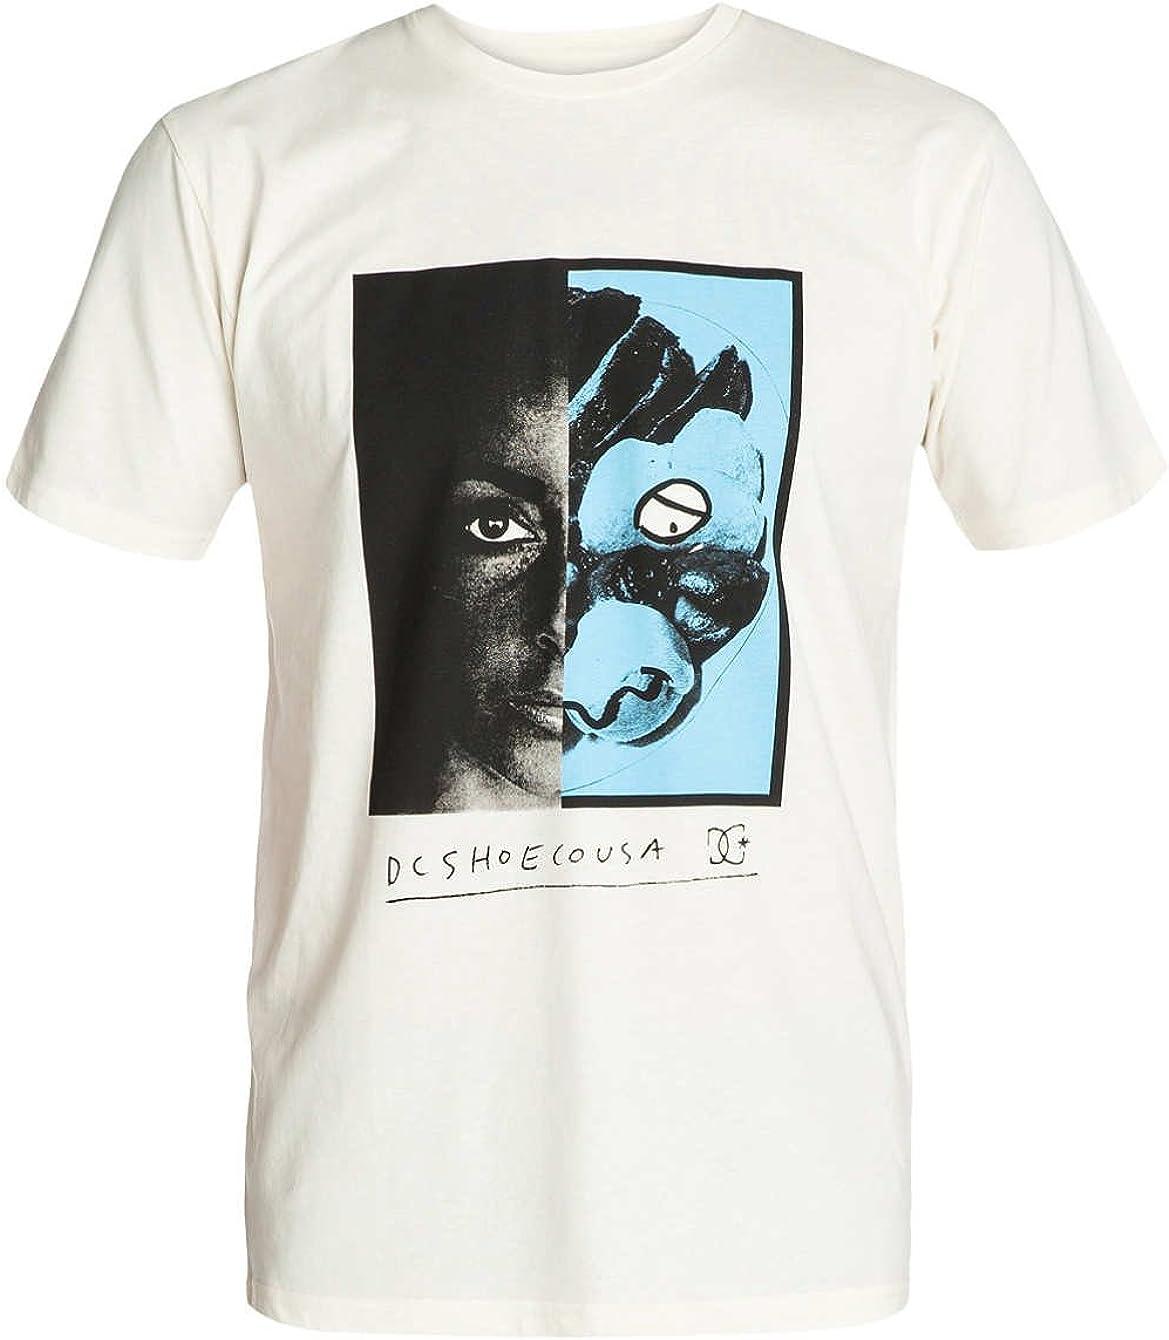 Camiseta DC Shoes: Face BG XL: Amazon.es: Ropa y accesorios